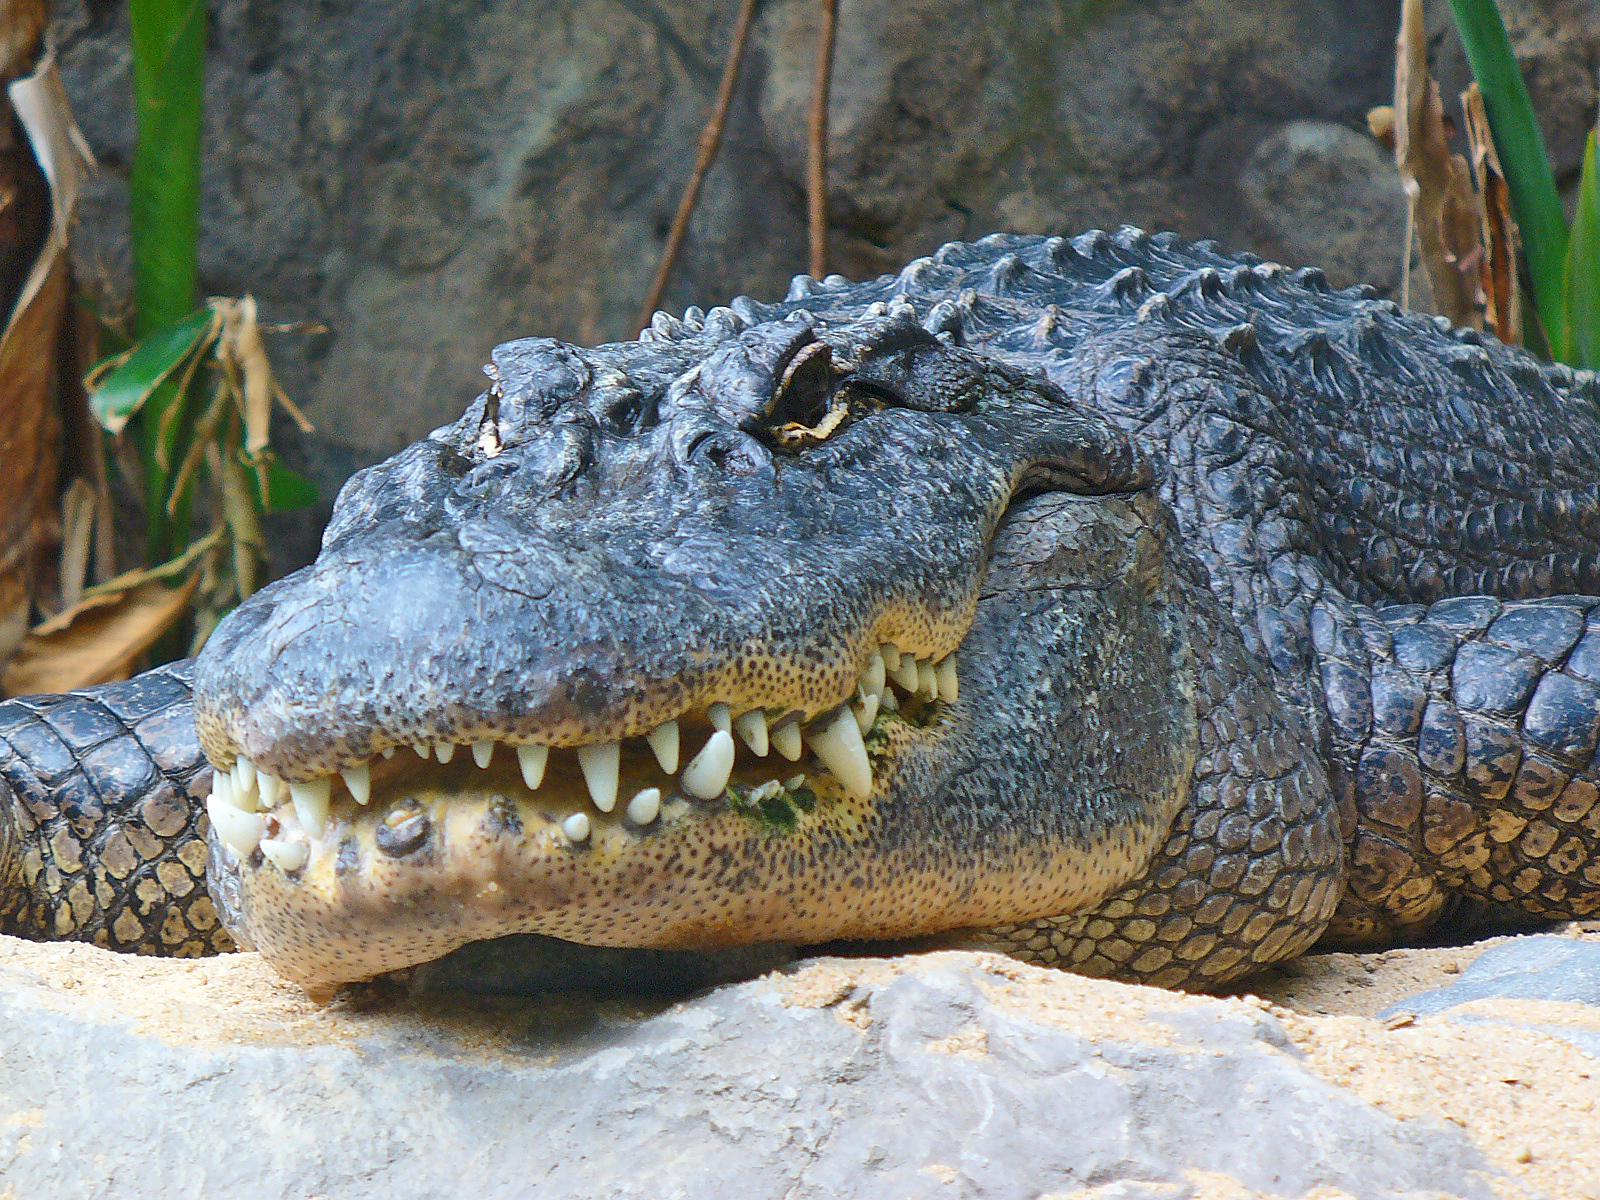 Alligator_mississippiensis_01.jpg